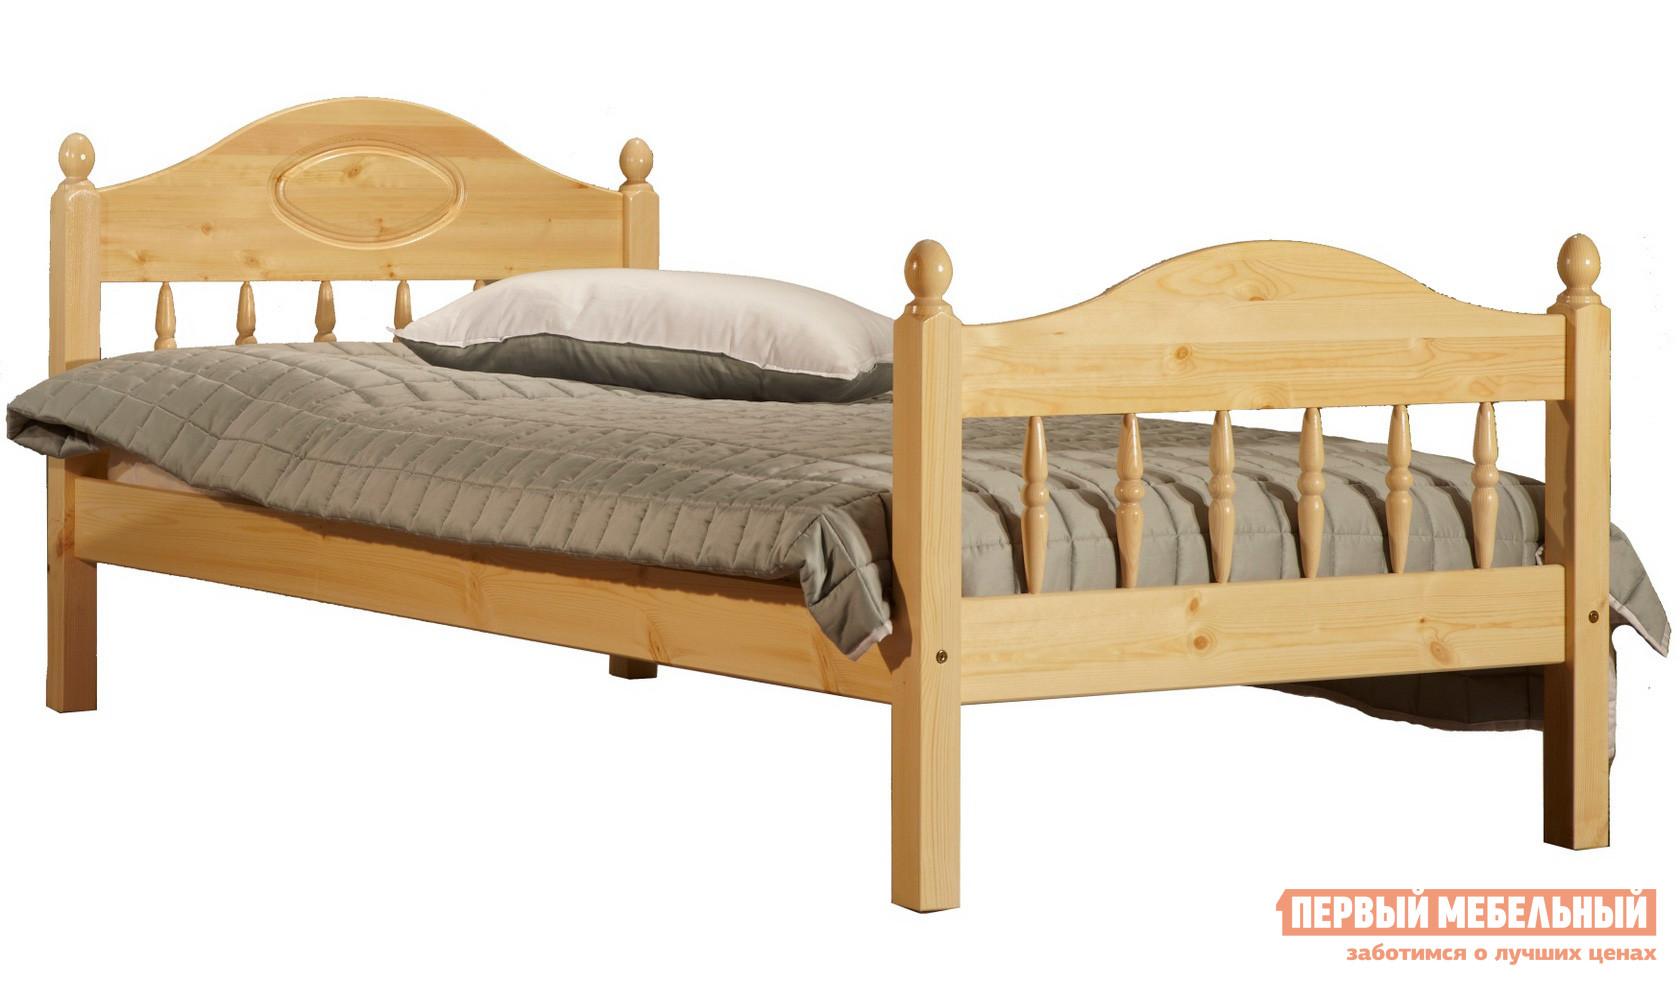 Односпальная кровать Timberica Фрея (F2) детская кровать timberica кровать фрея 2 детская